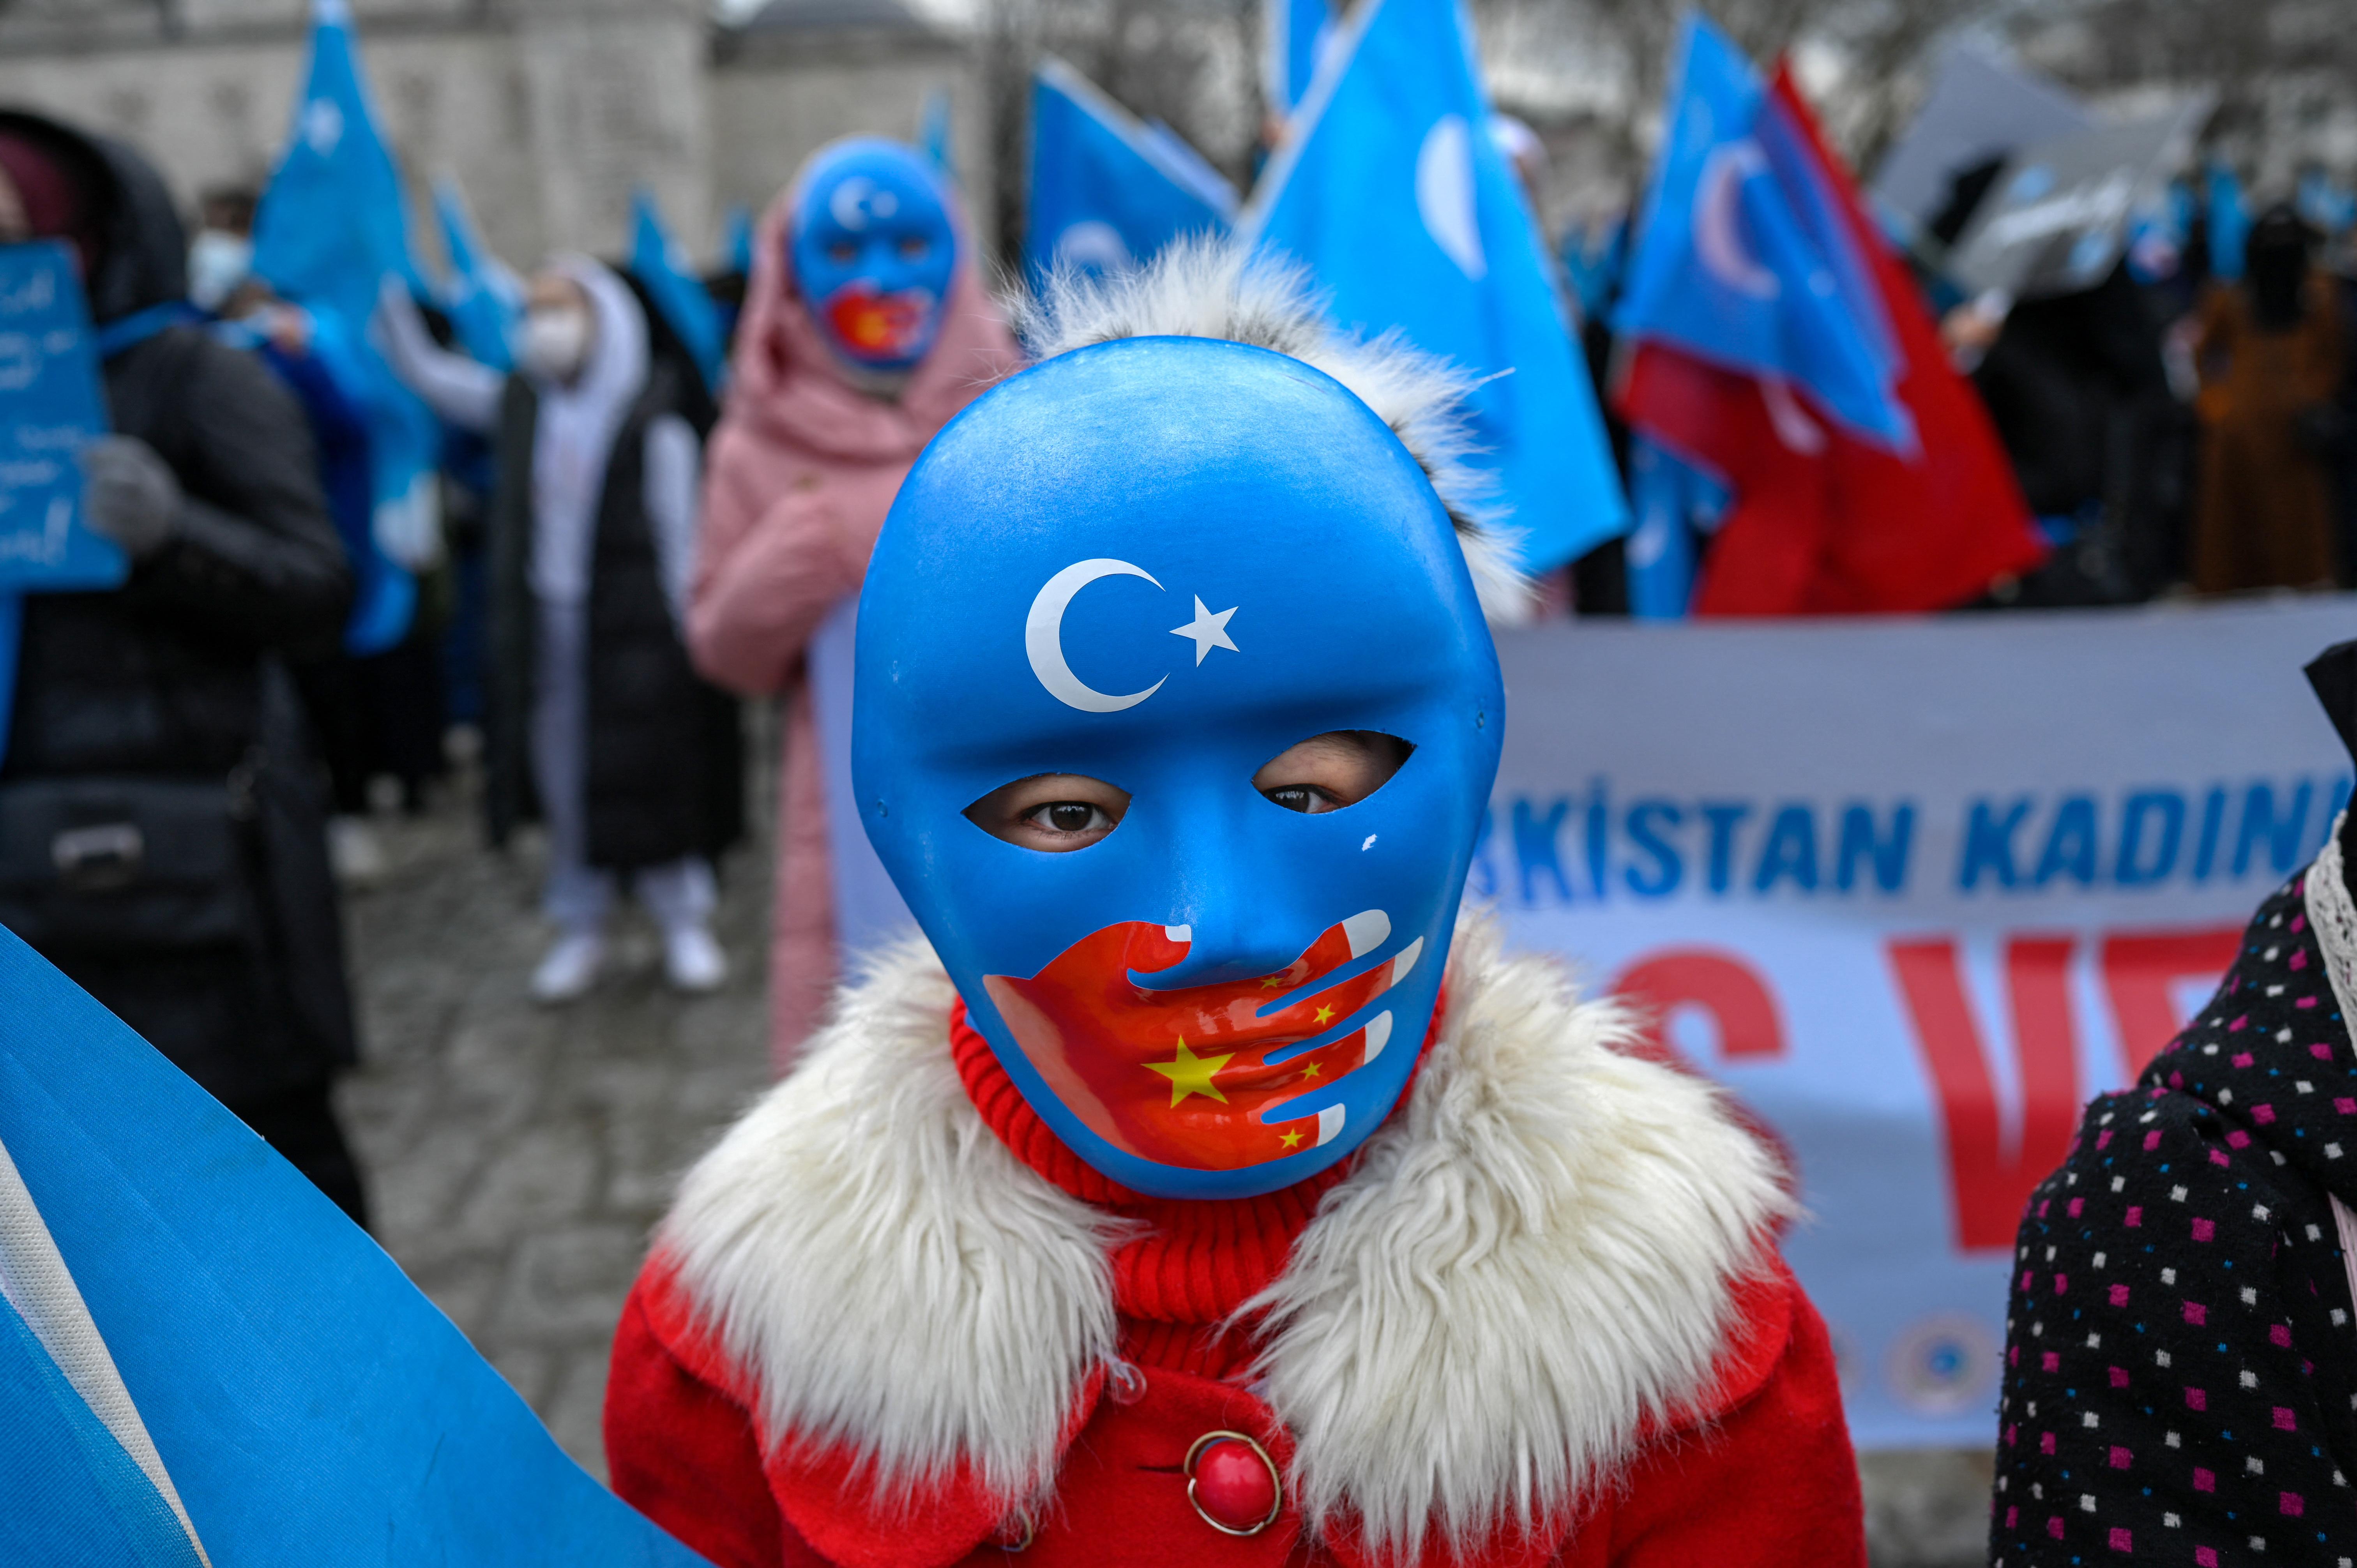 Egy jelentés szerint Kína arra játszik, hogy lecsökkentse az ujgur születések számát